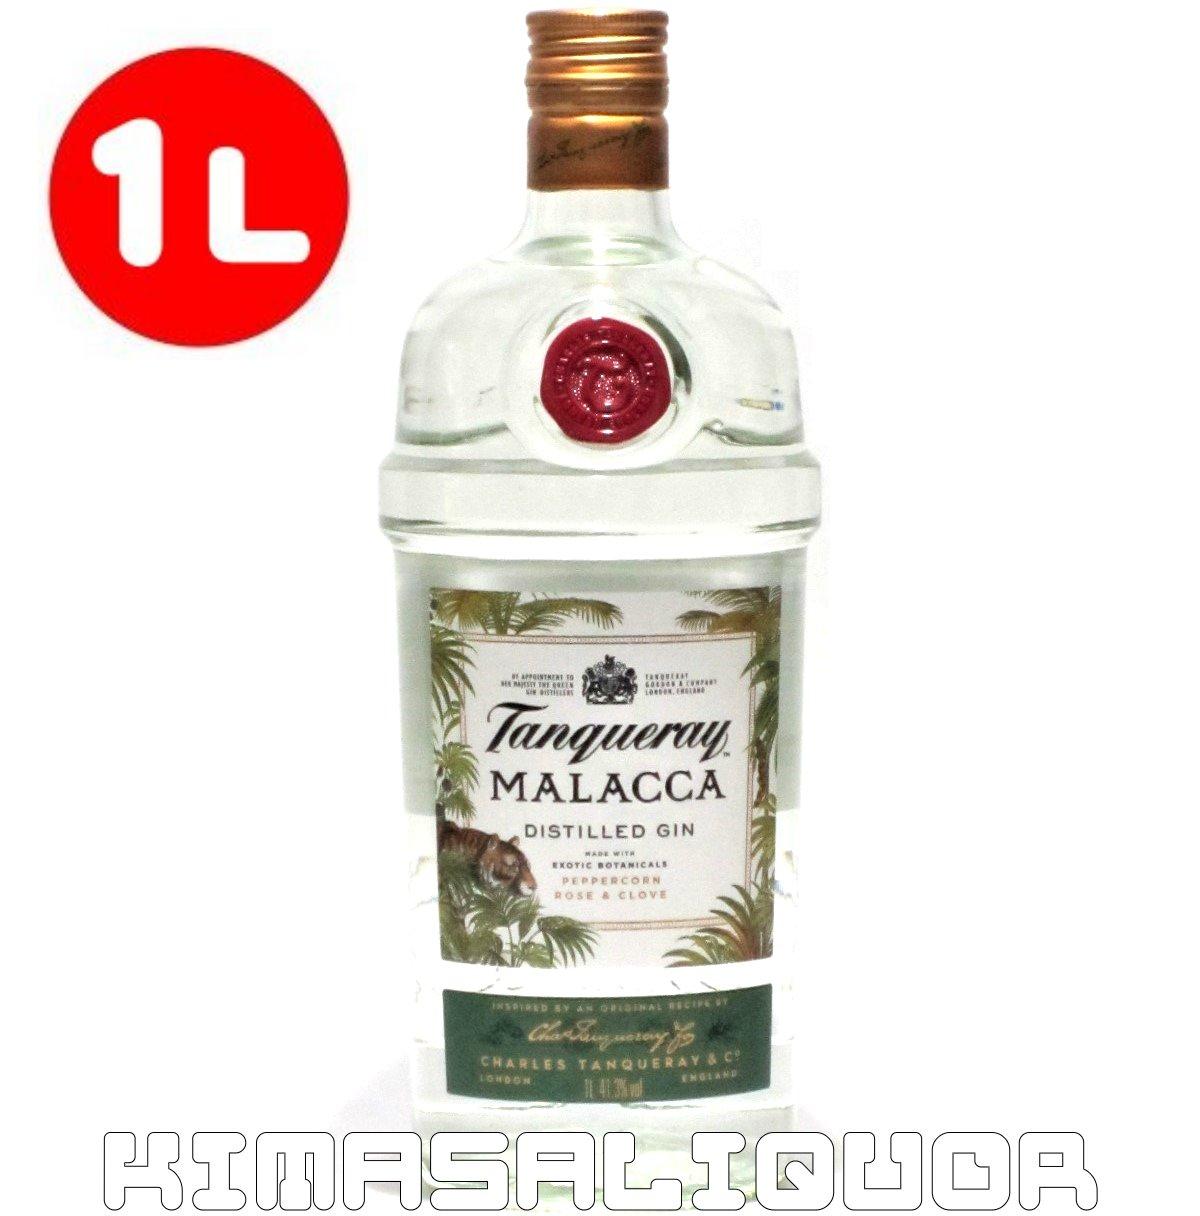 タンカレー マラッカ ジン 41.3度 1000ml (1L)